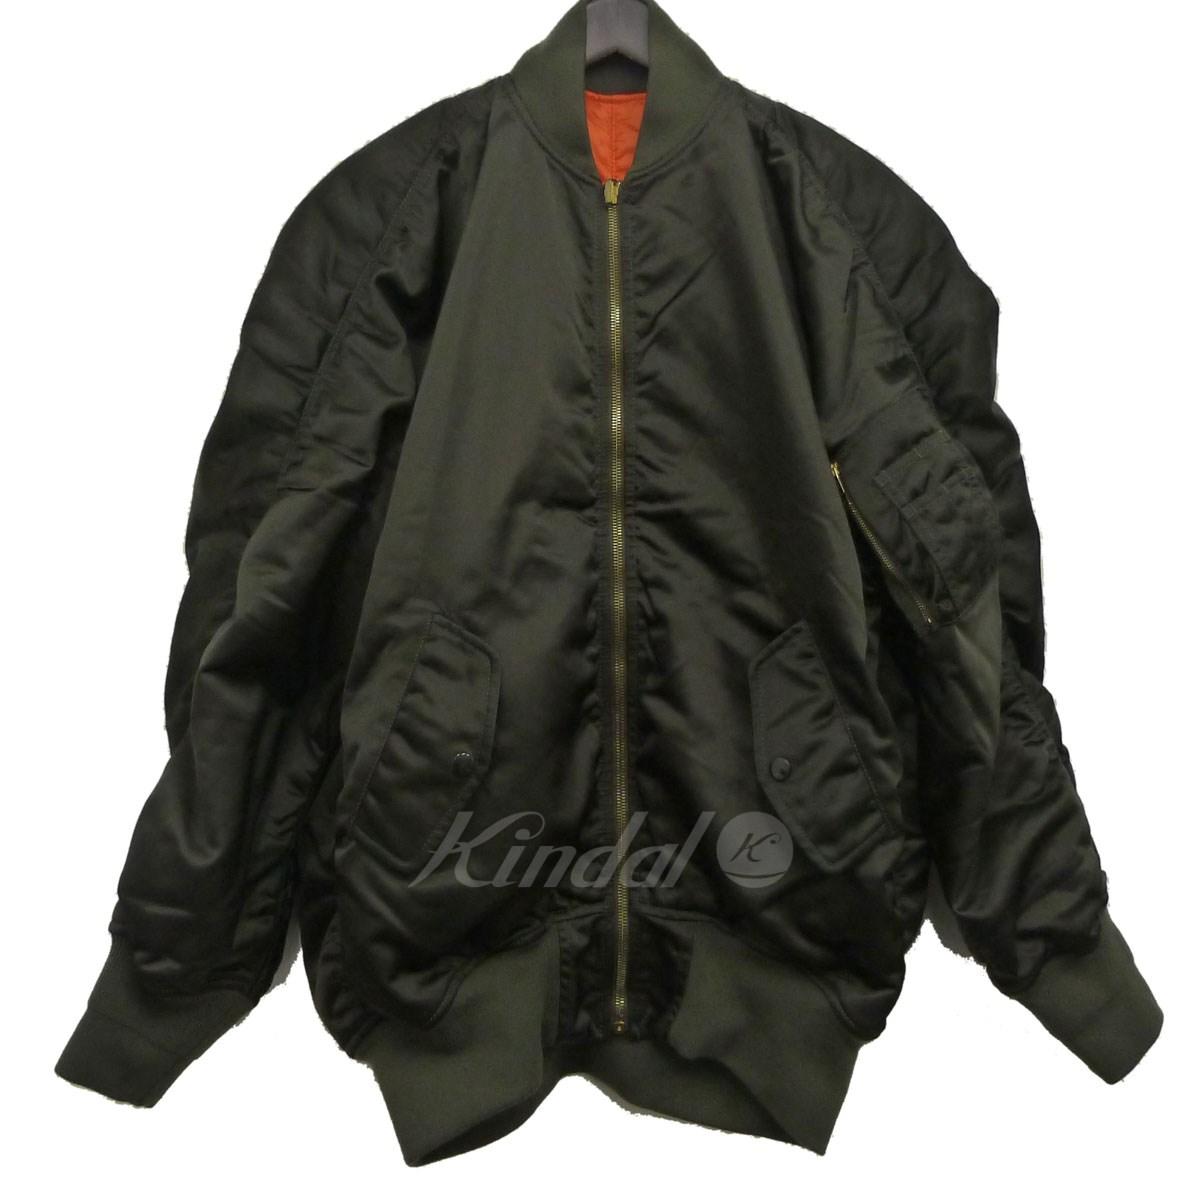 【中古】BALENCIAGA 16AW MA-1ボンバージャケット 【送料無料】 【005829】 【銅】